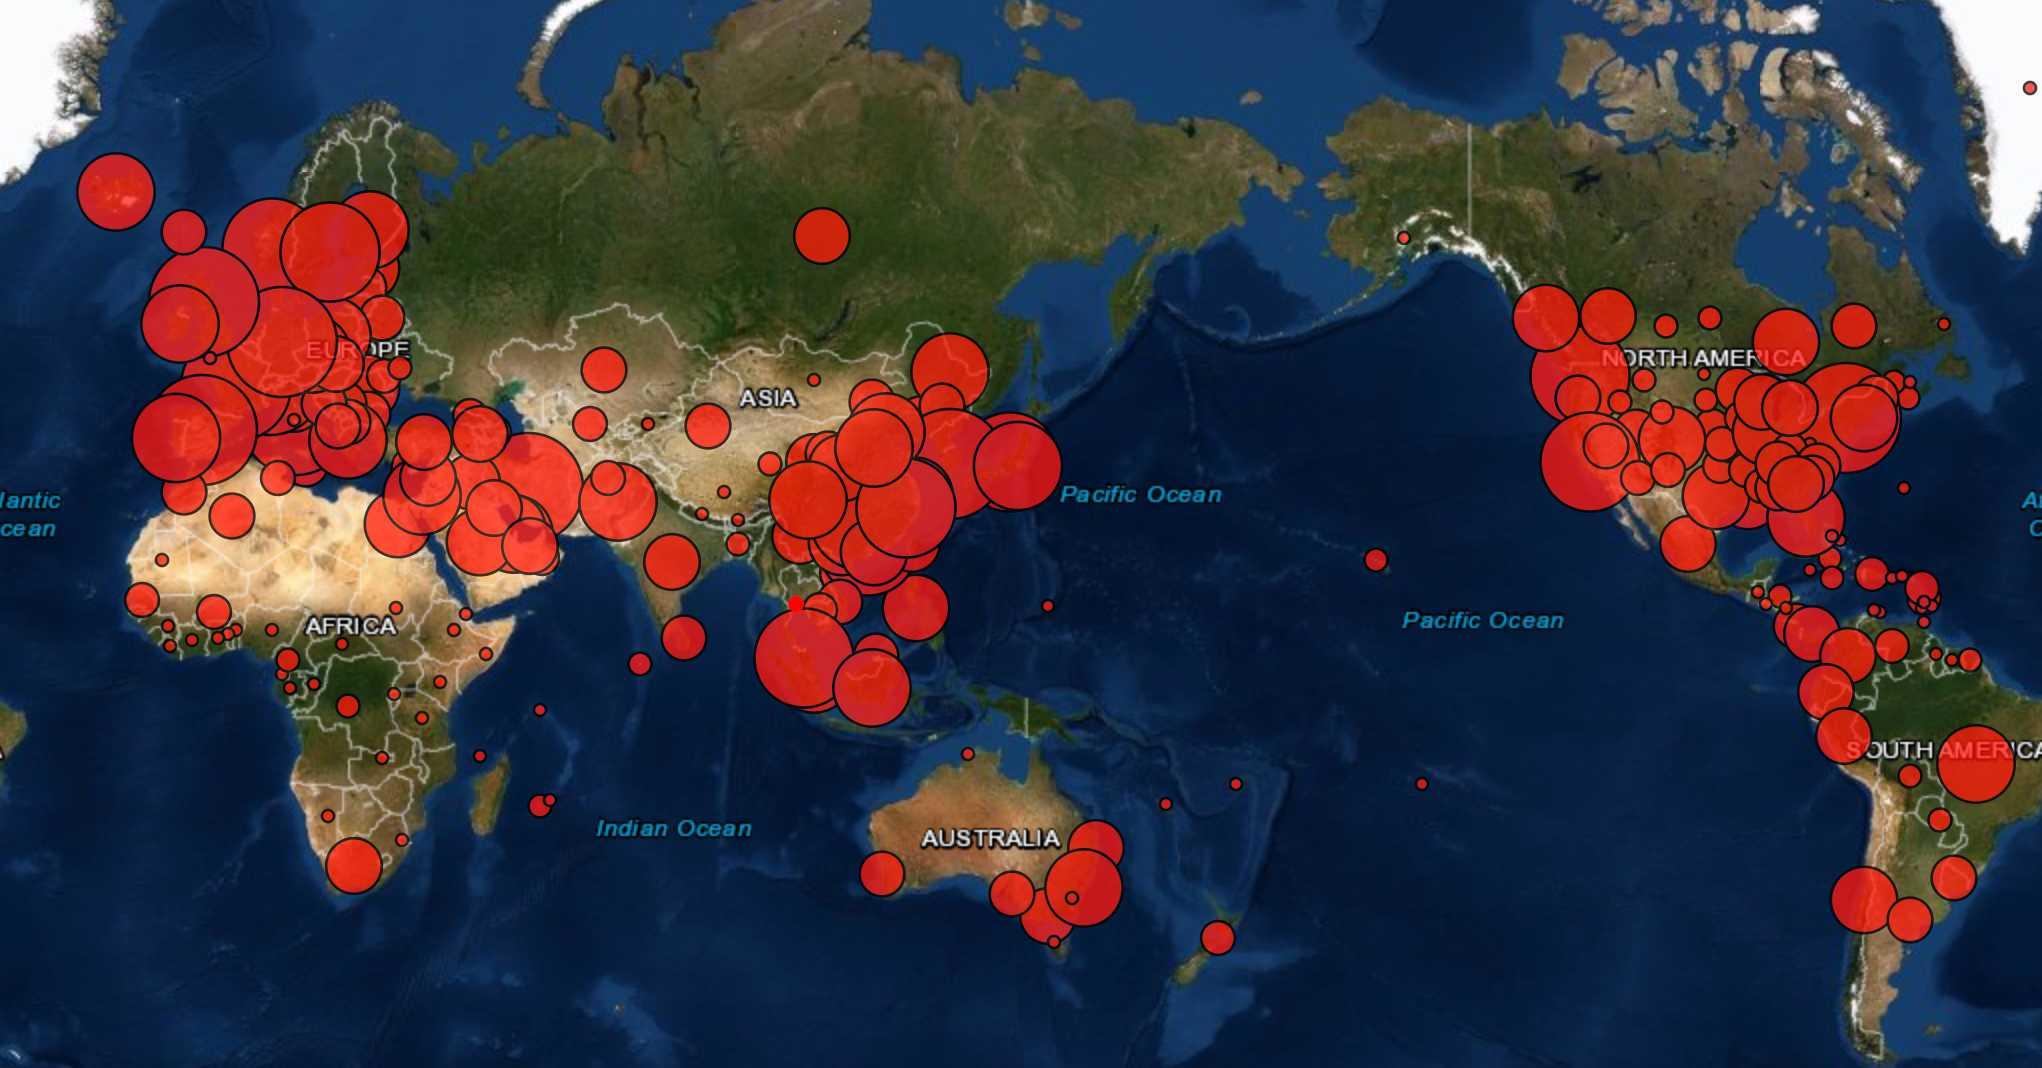 新型コロナウイルスの感染状況マップのアイキャッチ